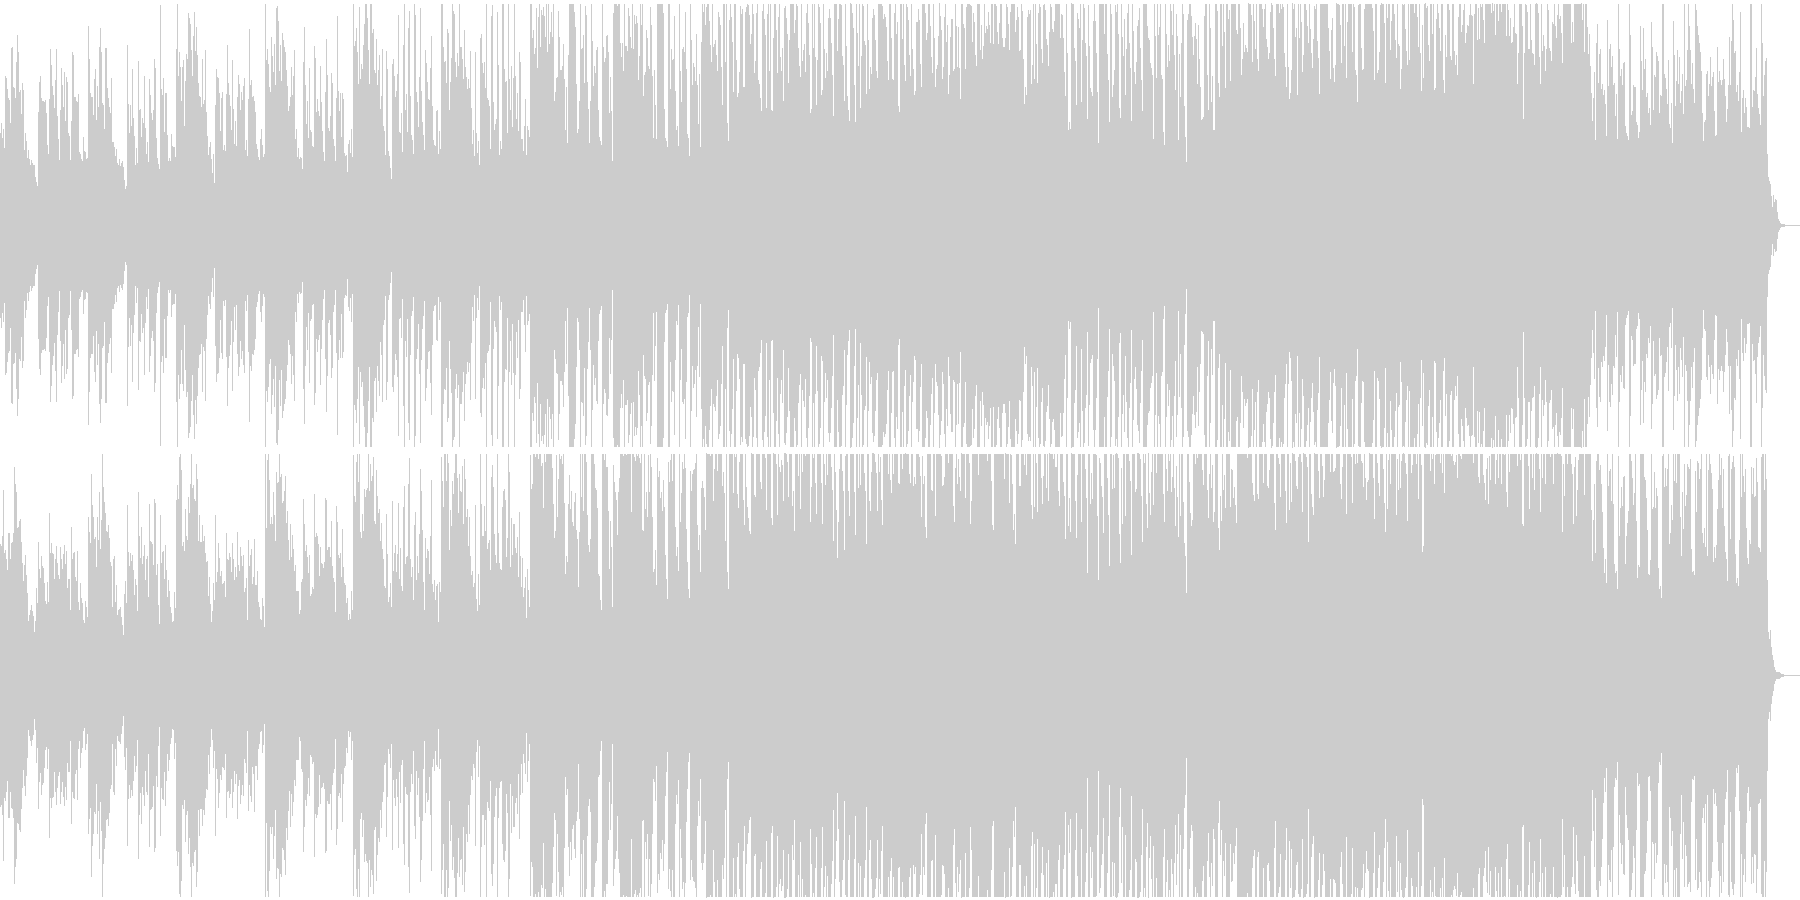 トランス系BGM1の未再生の波形